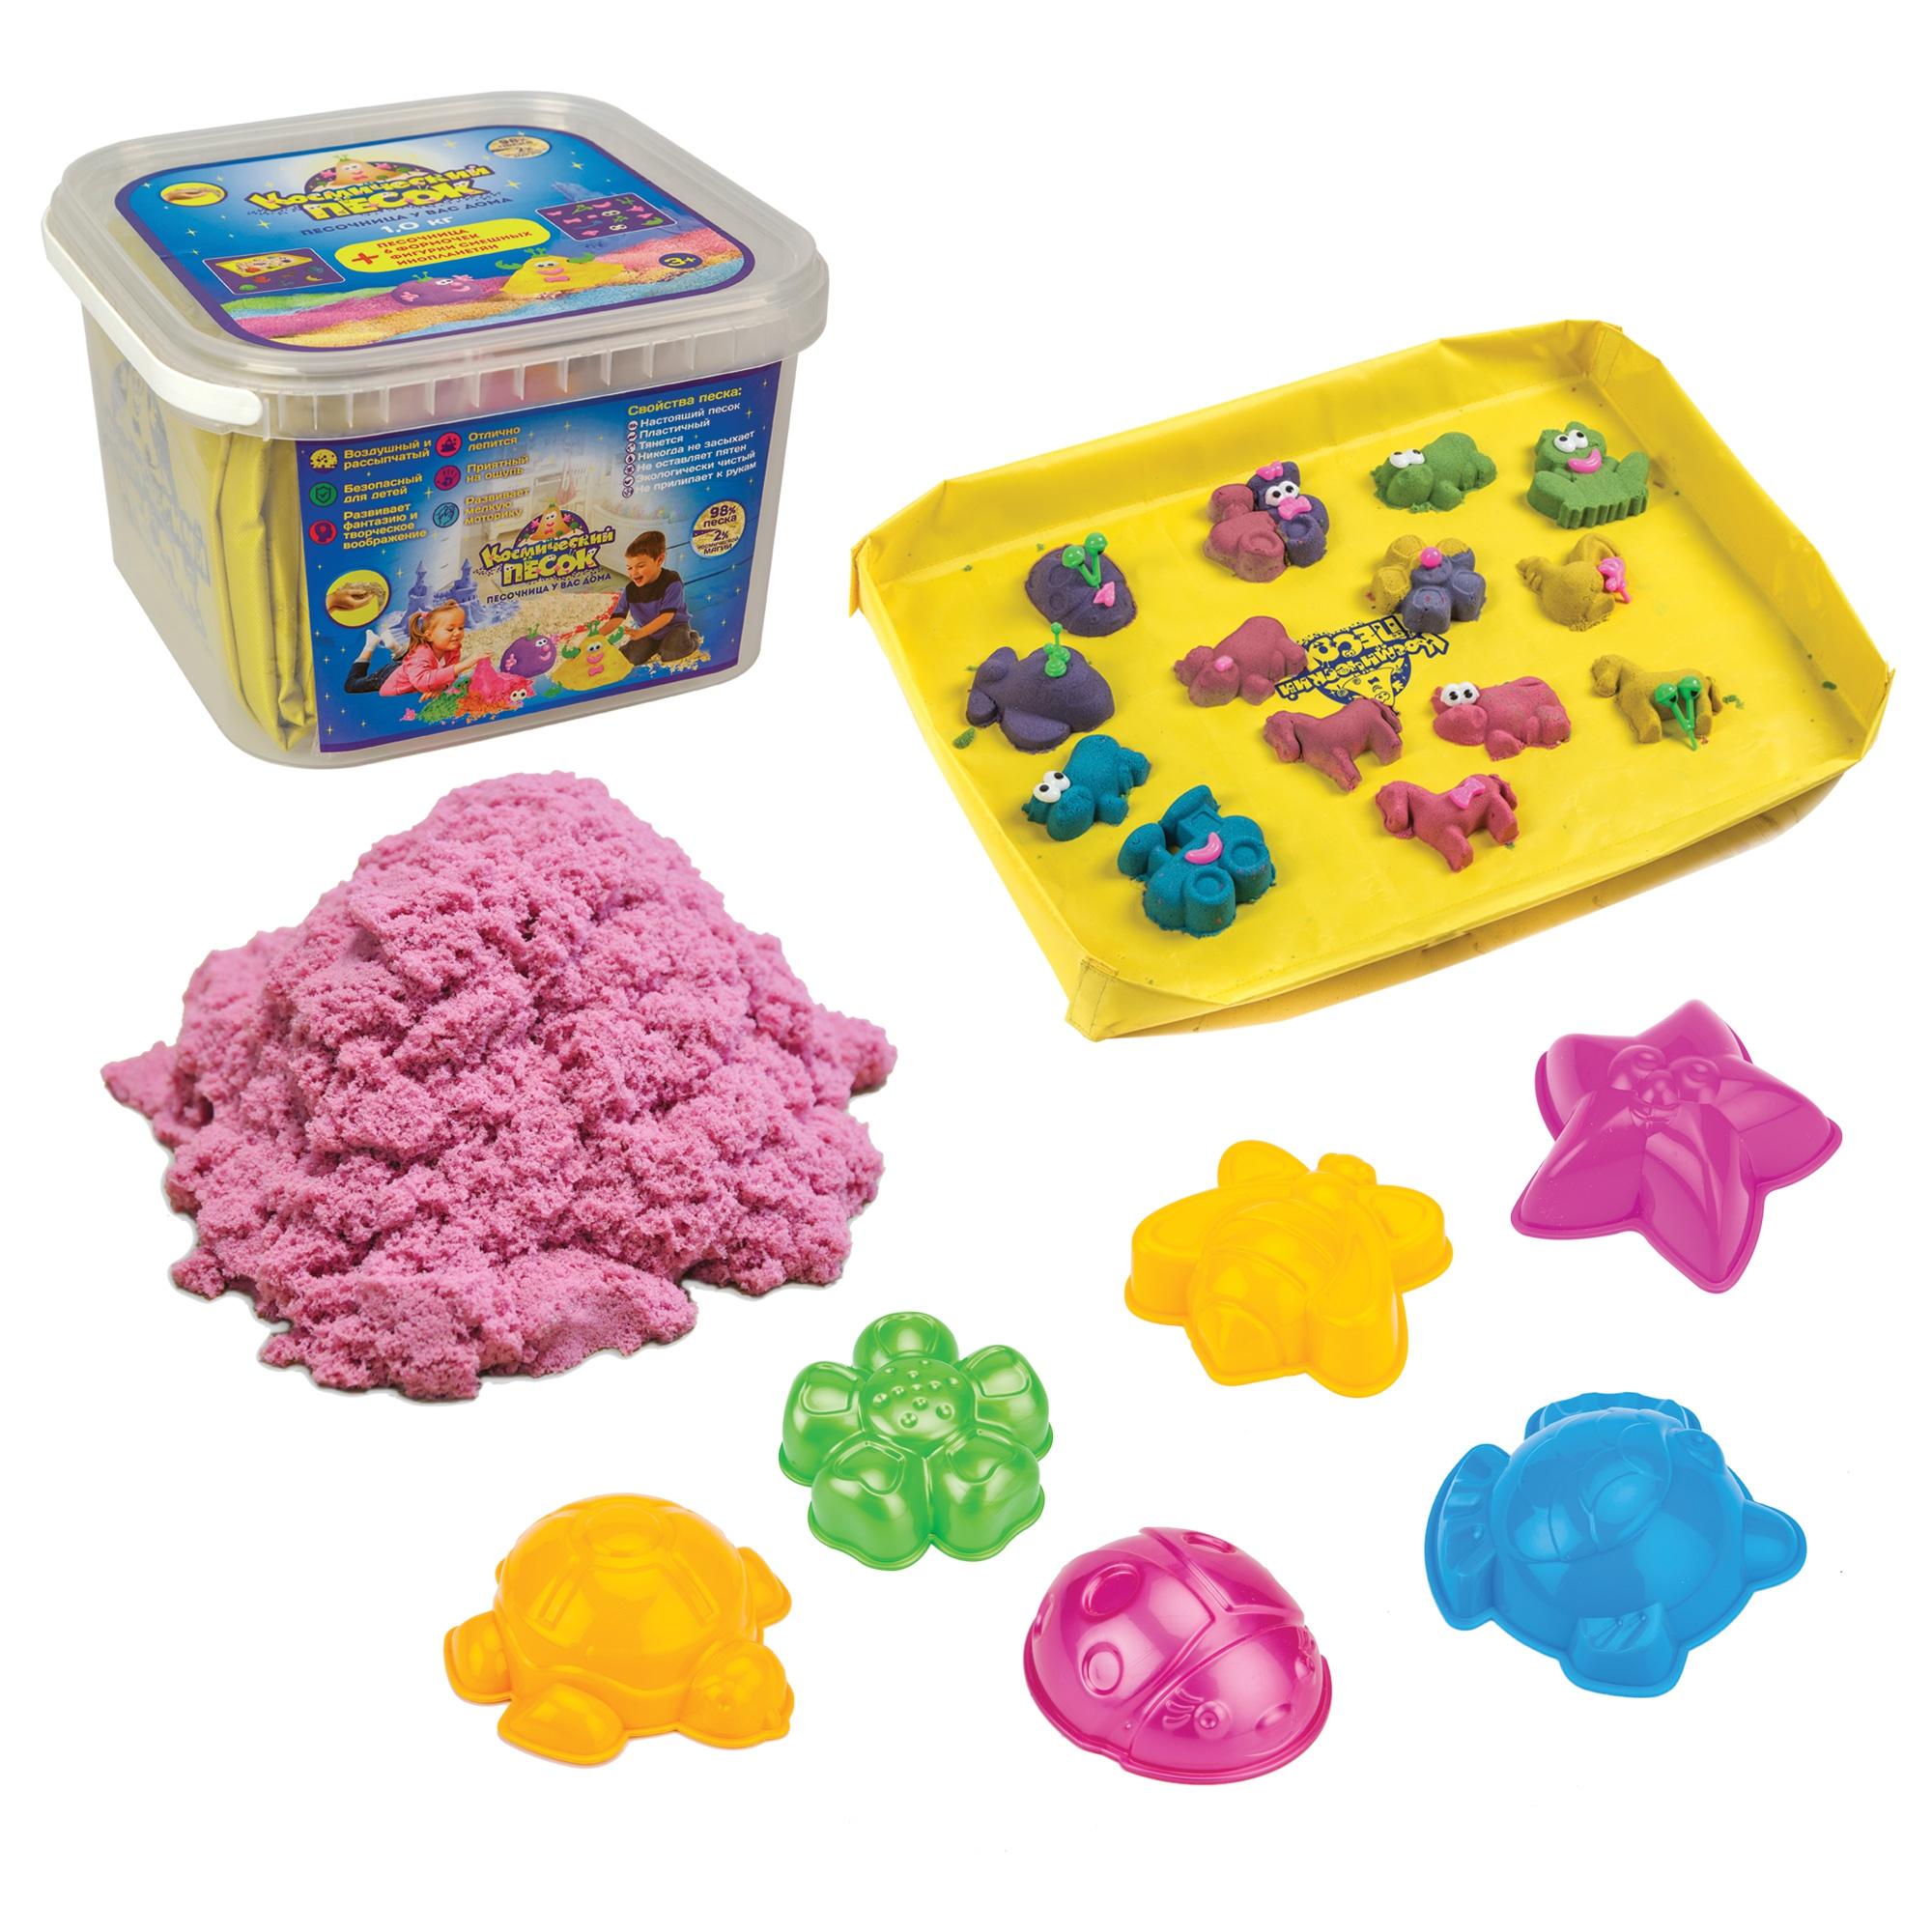 Песок Космический песок Розовый 1 кг всё для лепки molly космический песок замок из волшебного песка 1 кг